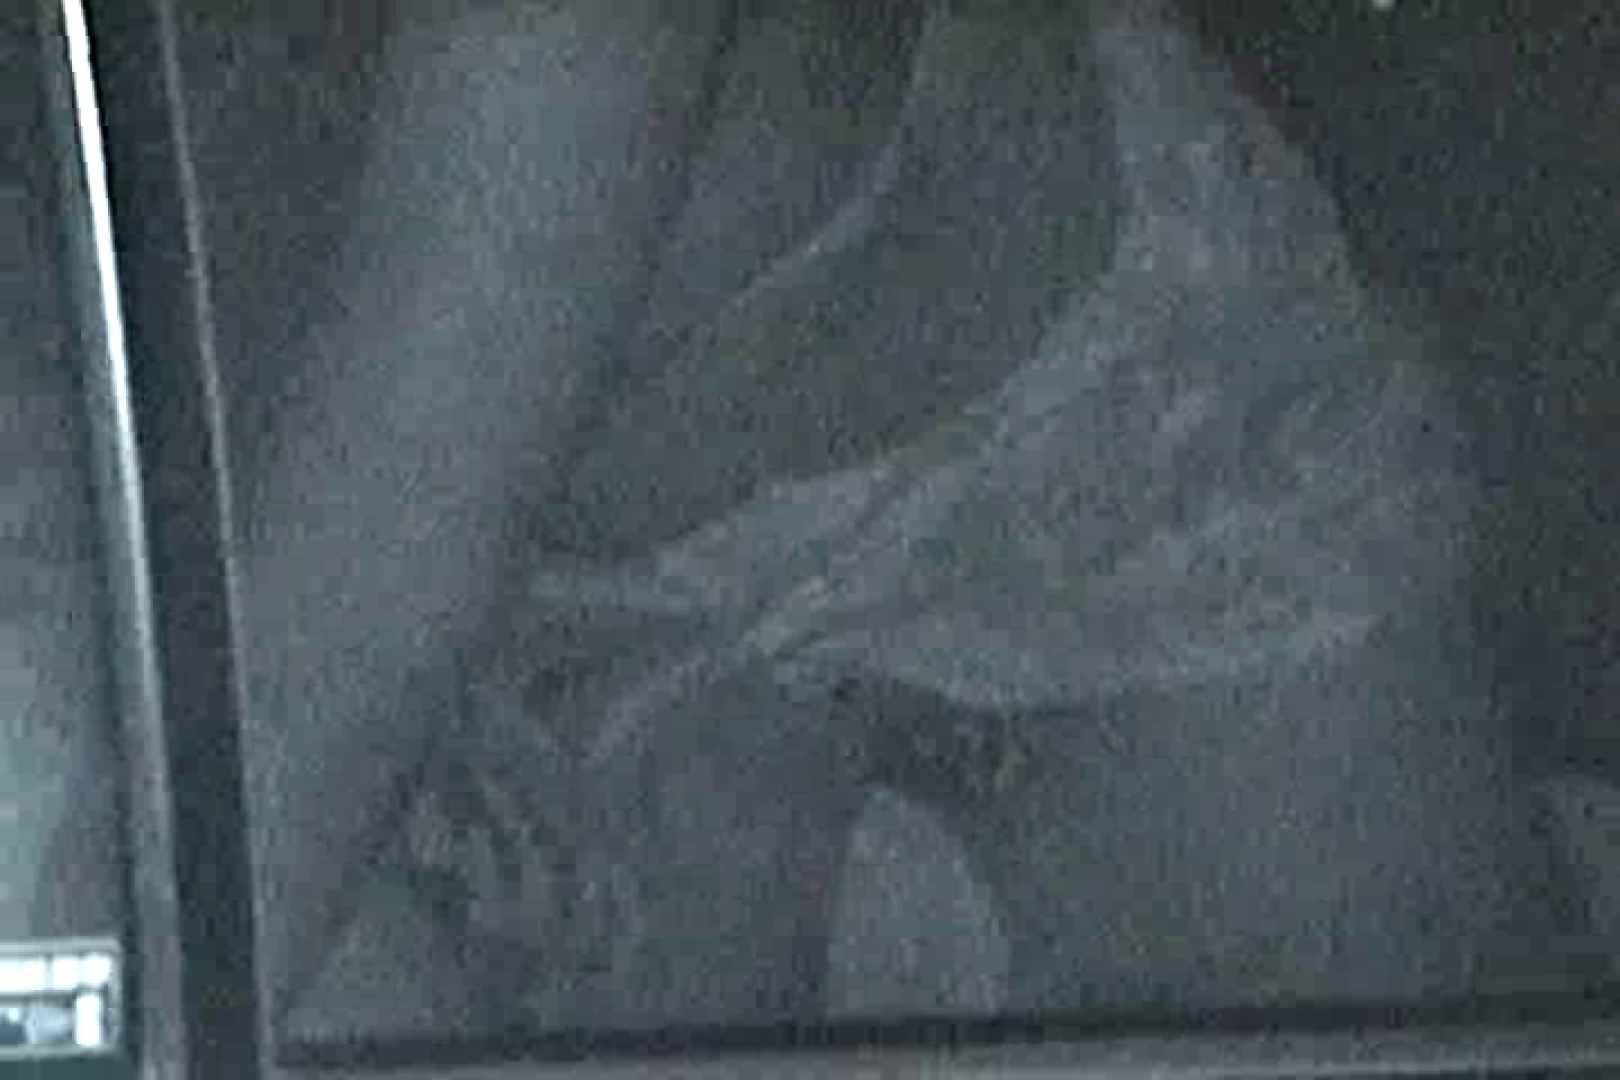 充血監督の深夜の運動会Vol.22 現役ギャル オマンコ動画キャプチャ 88pic 52